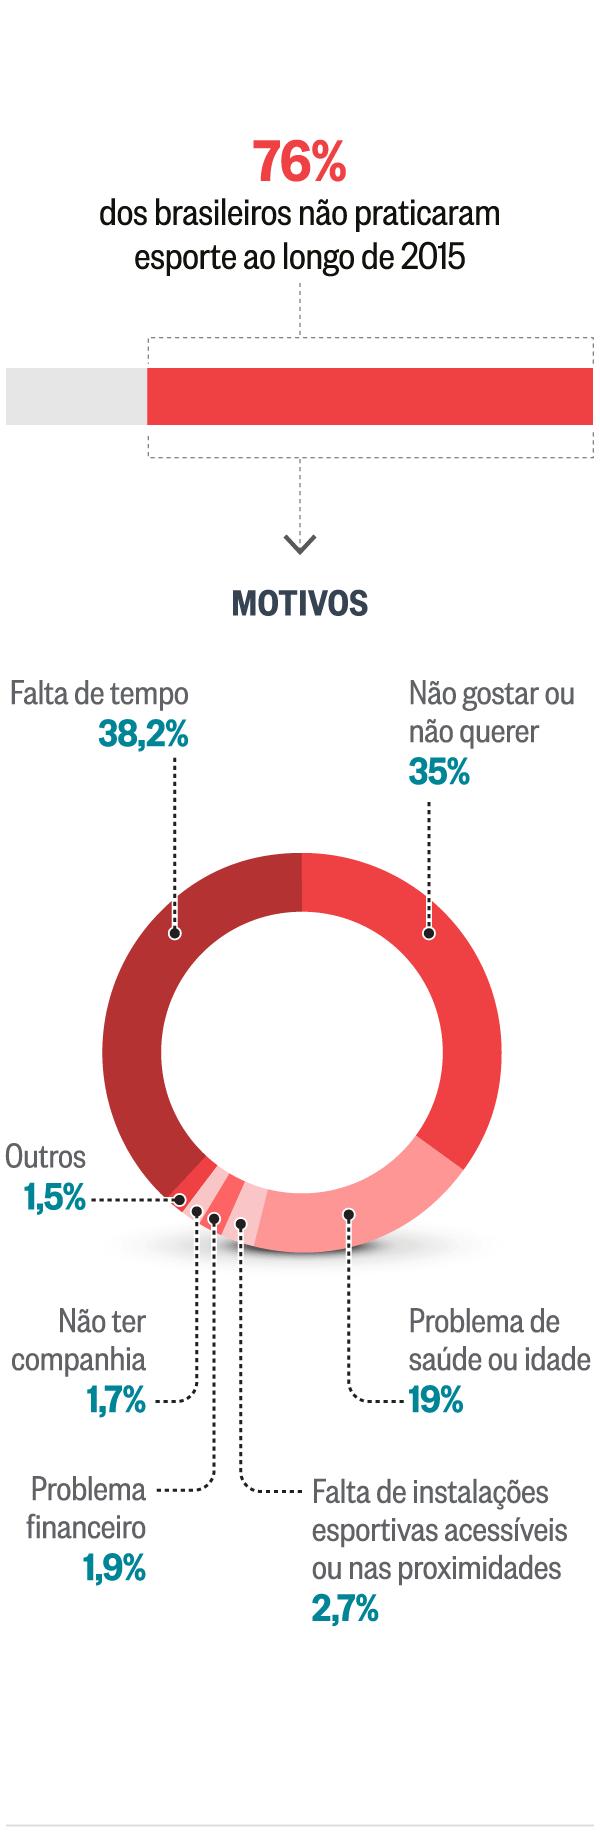 Cem milhes de brasileiros no fazem nenhuma atividade fsica falta de exerccios ccuart Images